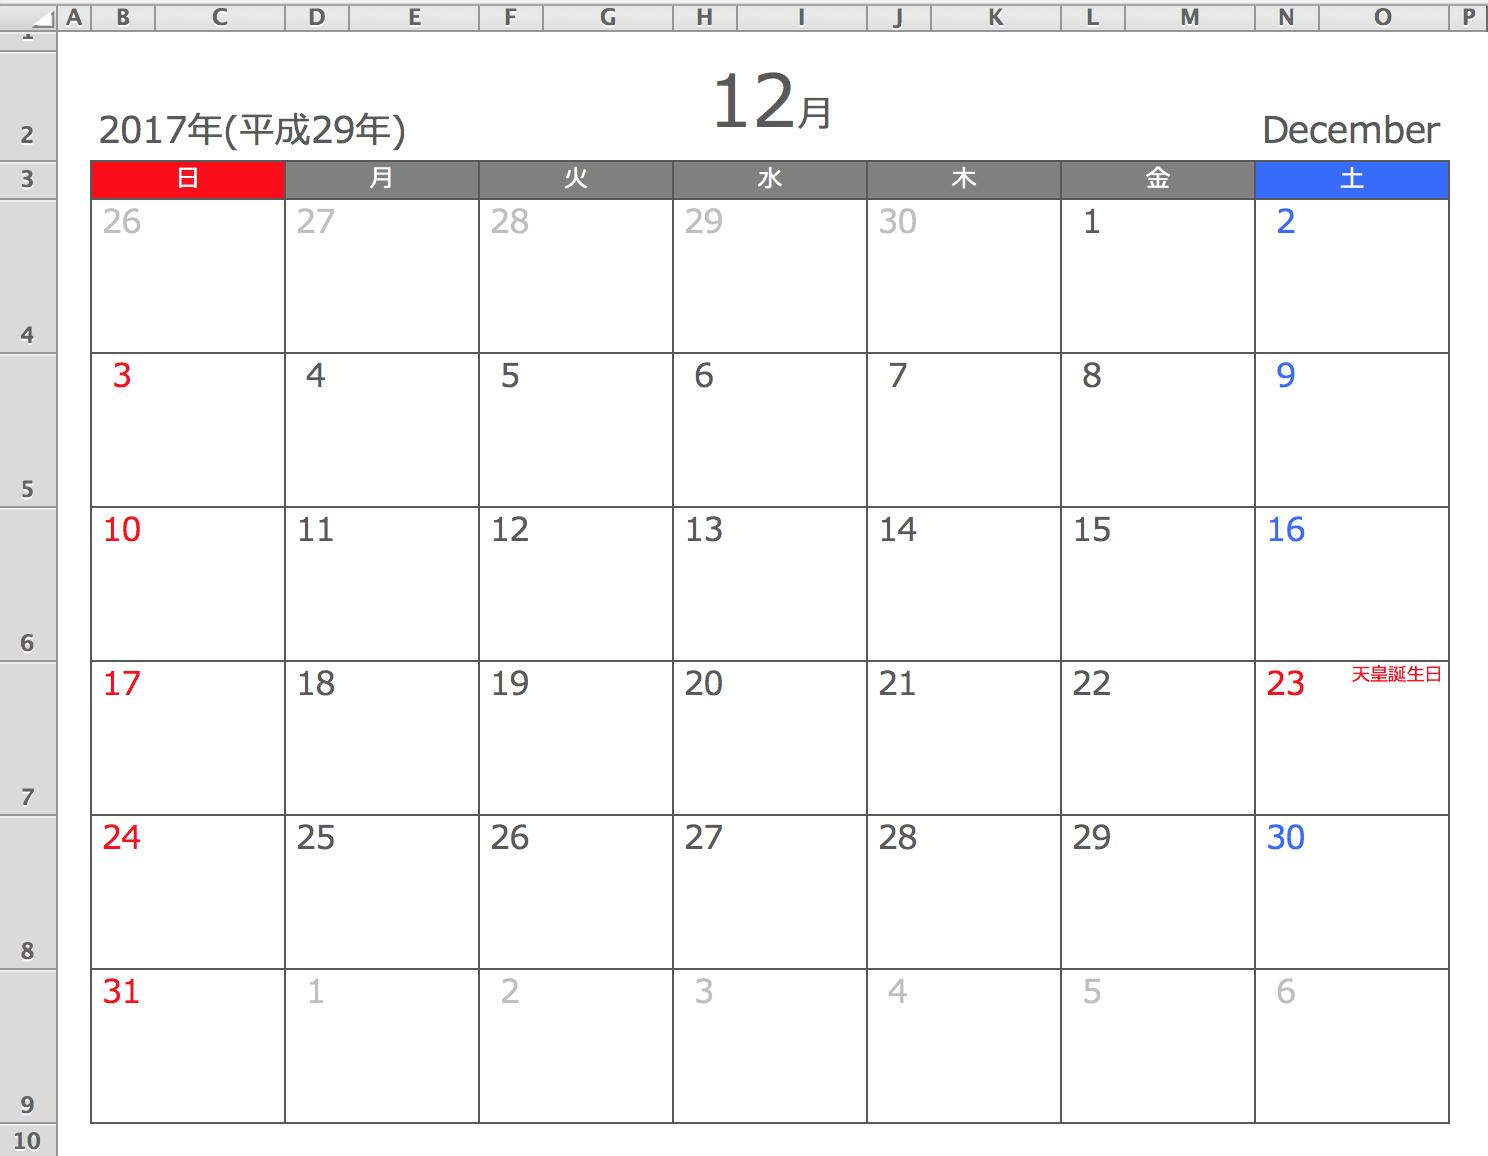 excel 2017年12月エクセル月間カレンダー a4横型 無料ダウンロード